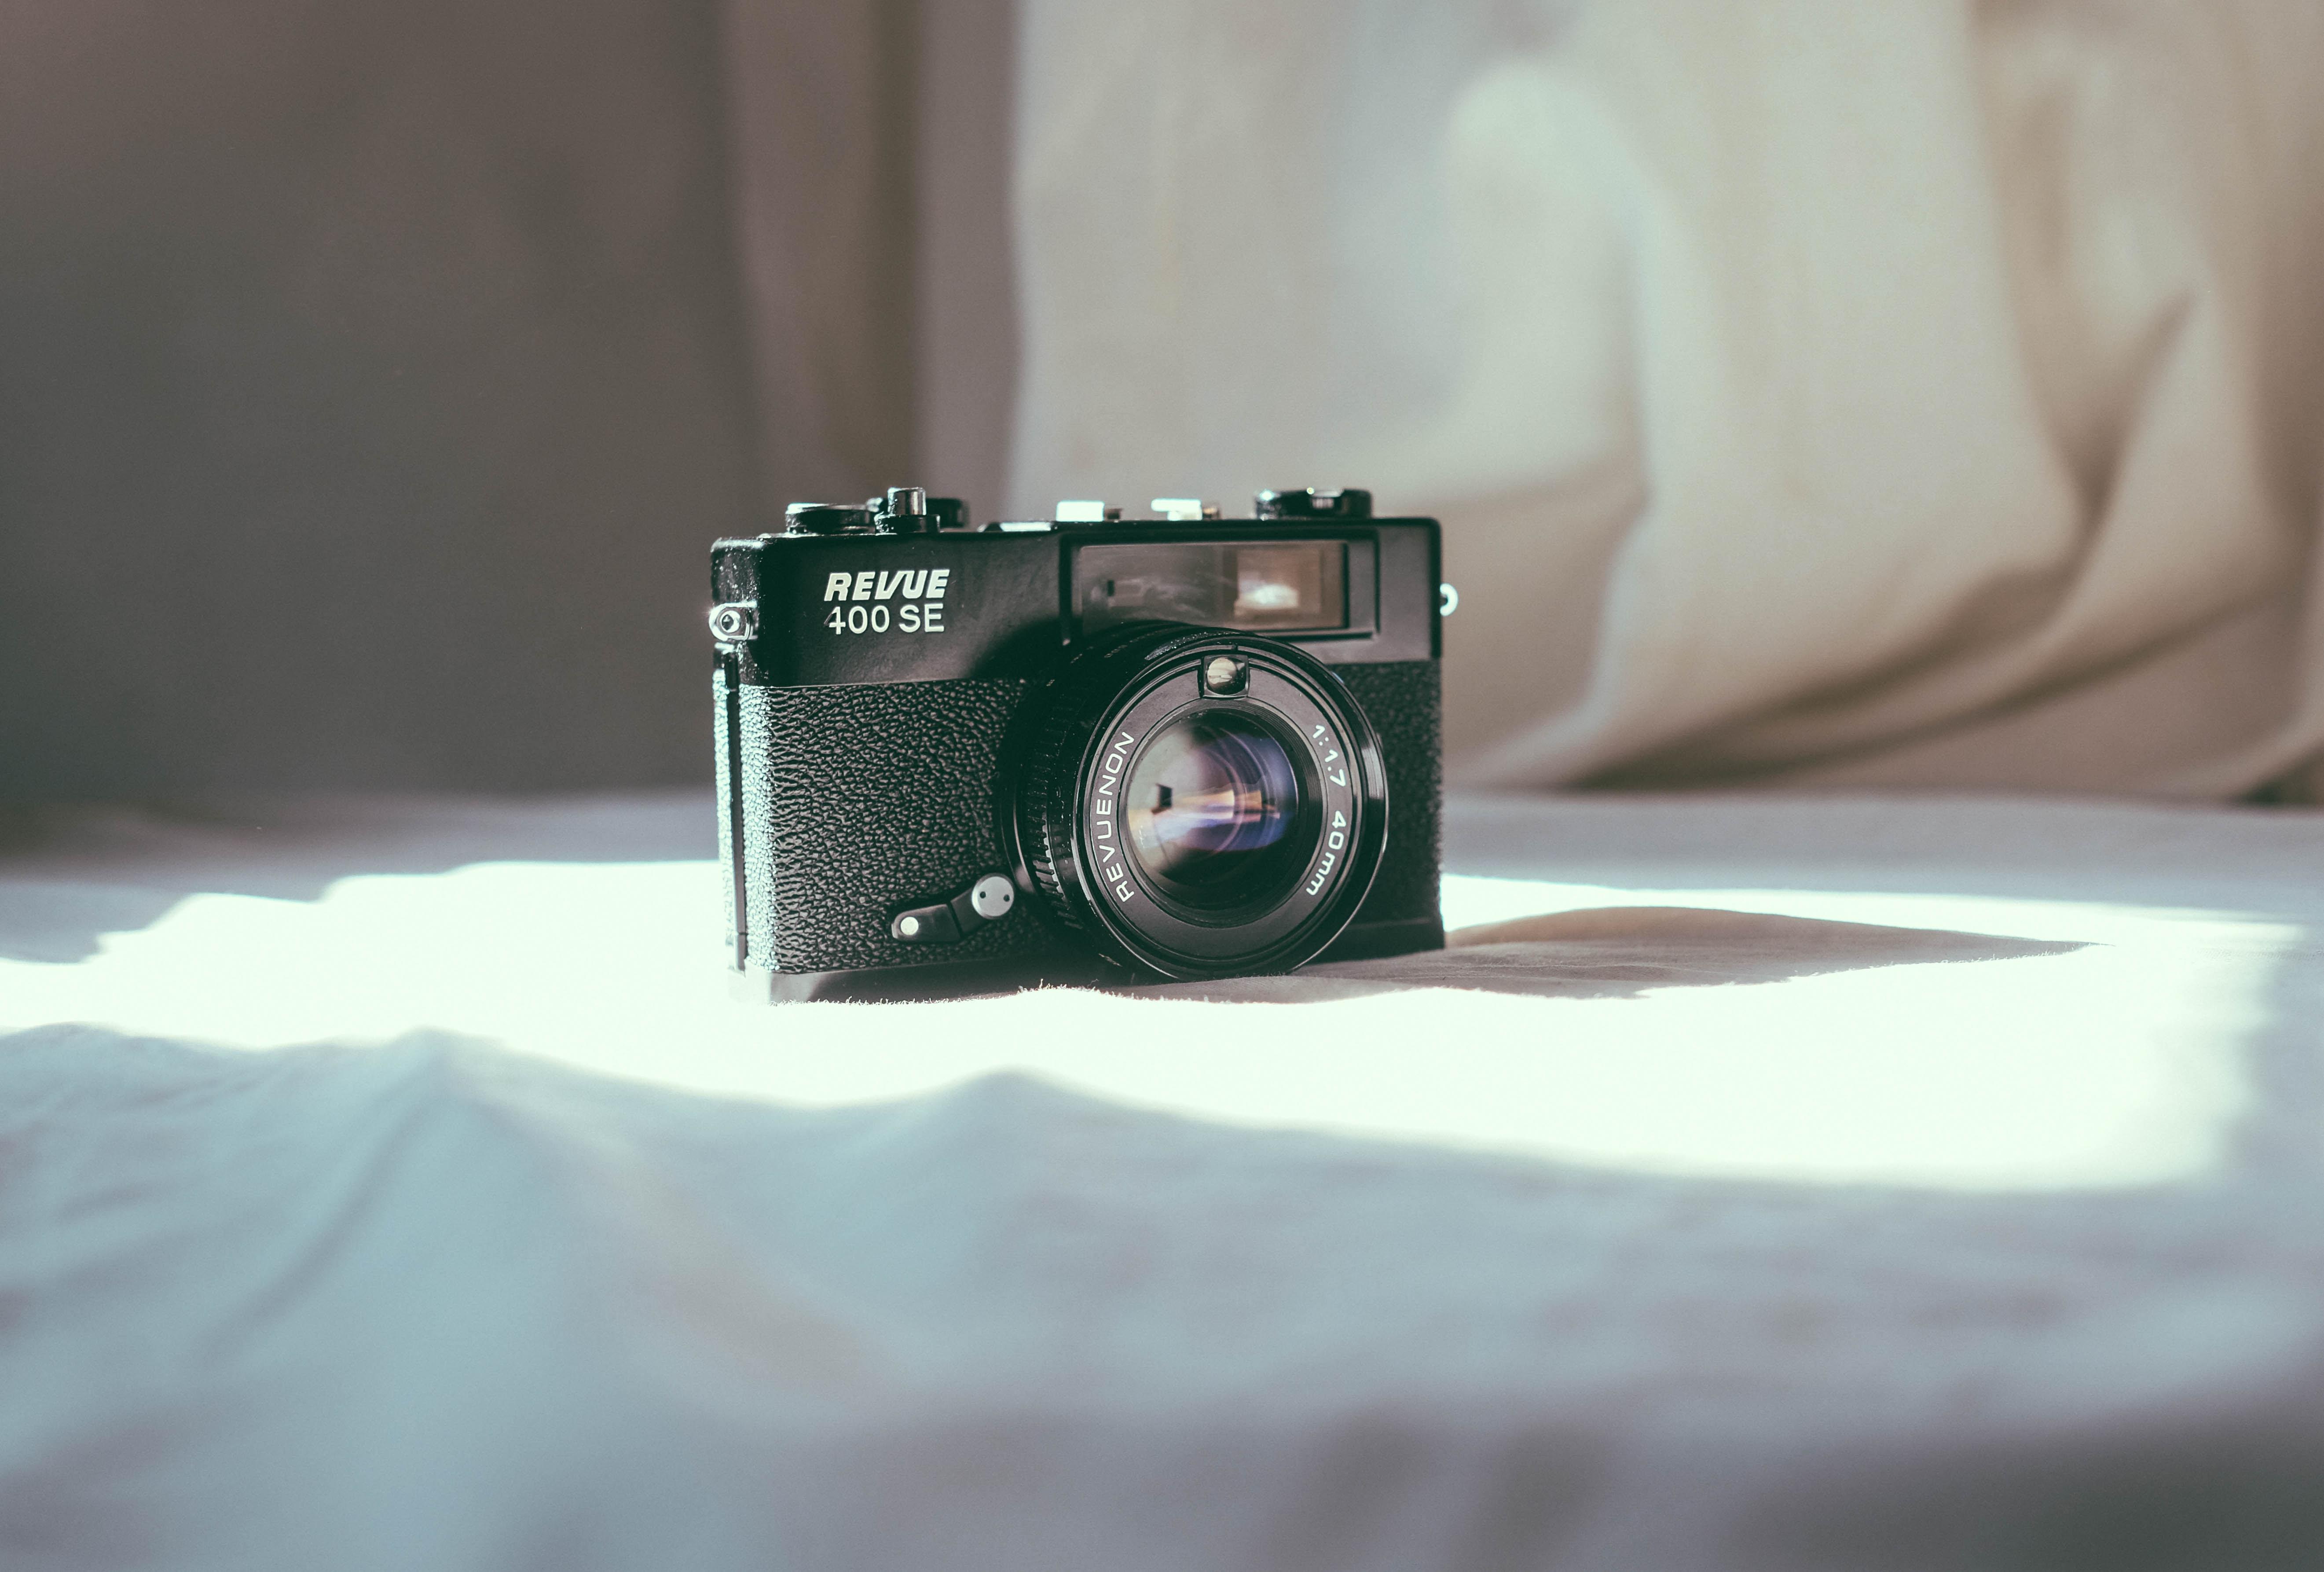 black Revue 400 SE camera